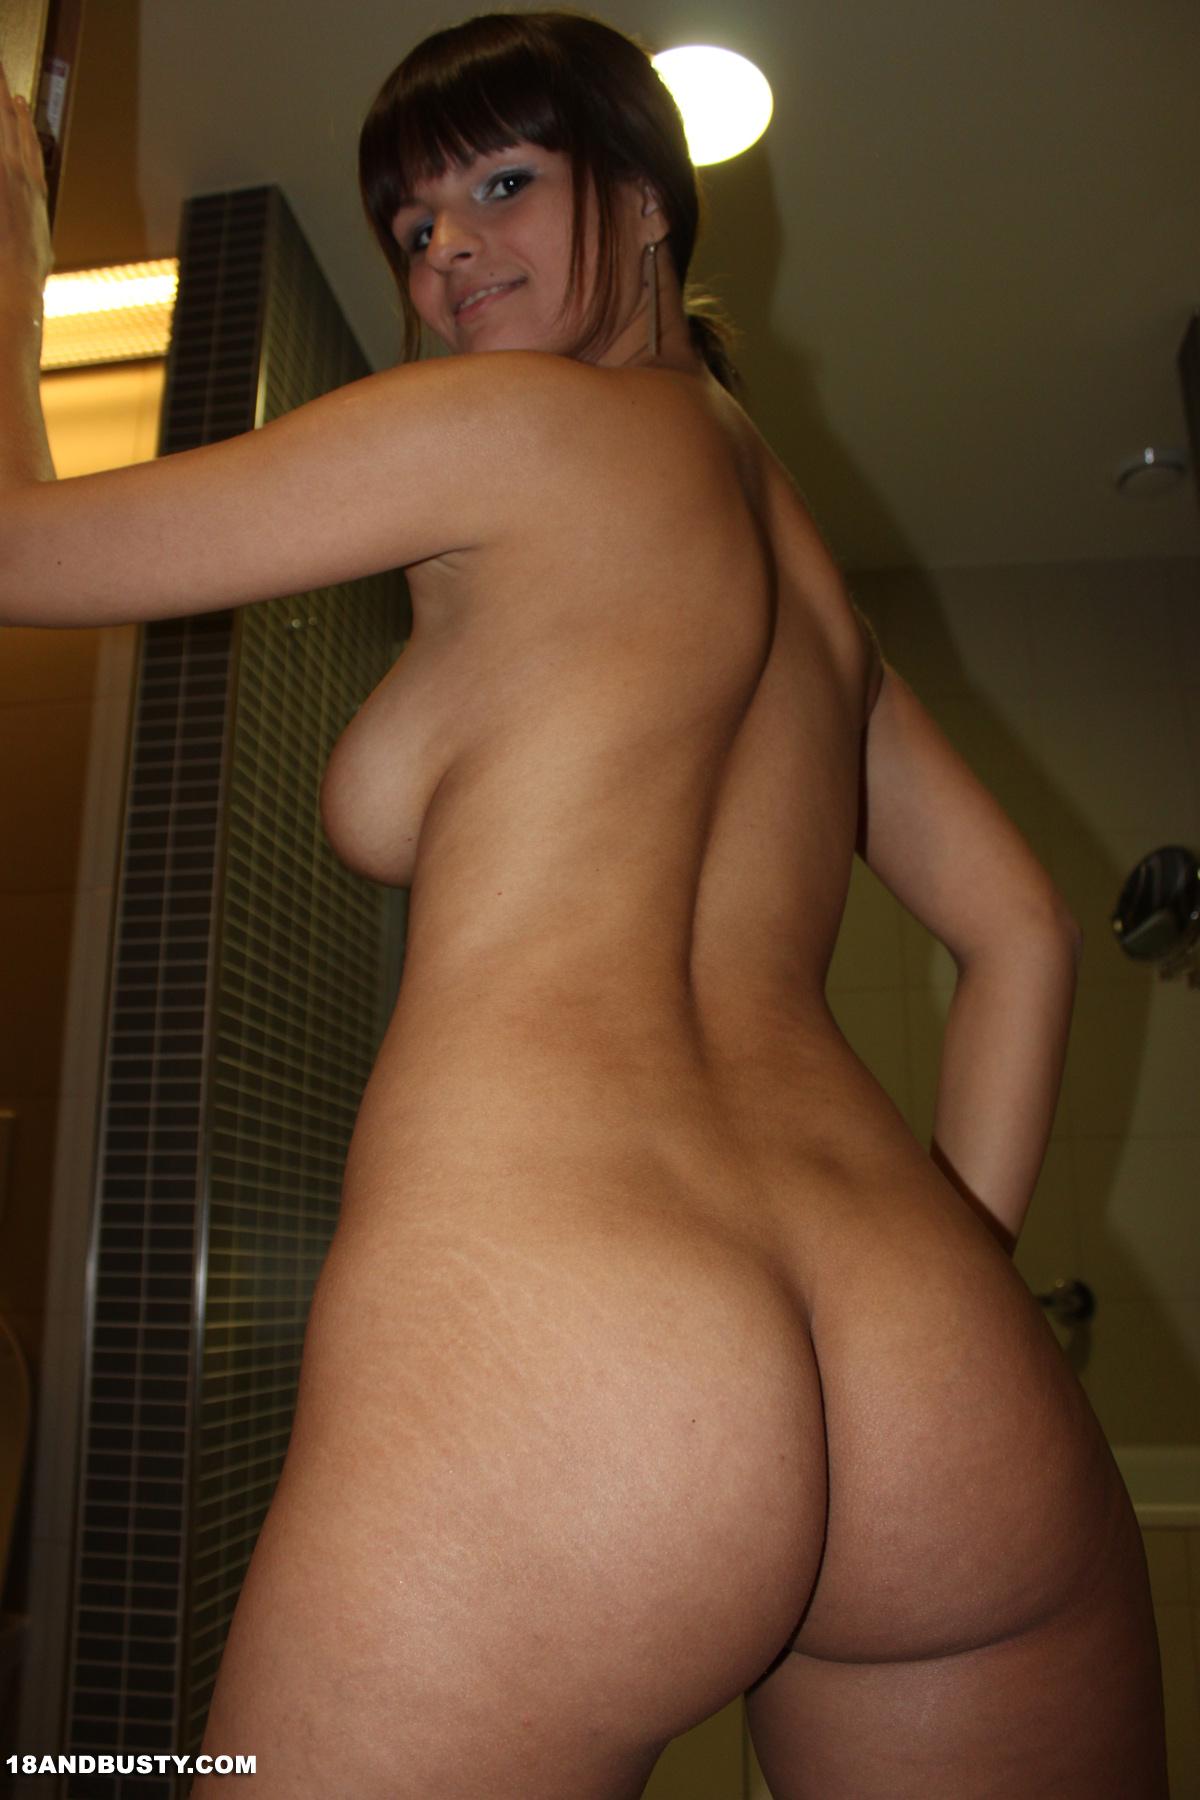 Сисястая с большой попой, порно тюб худощавые